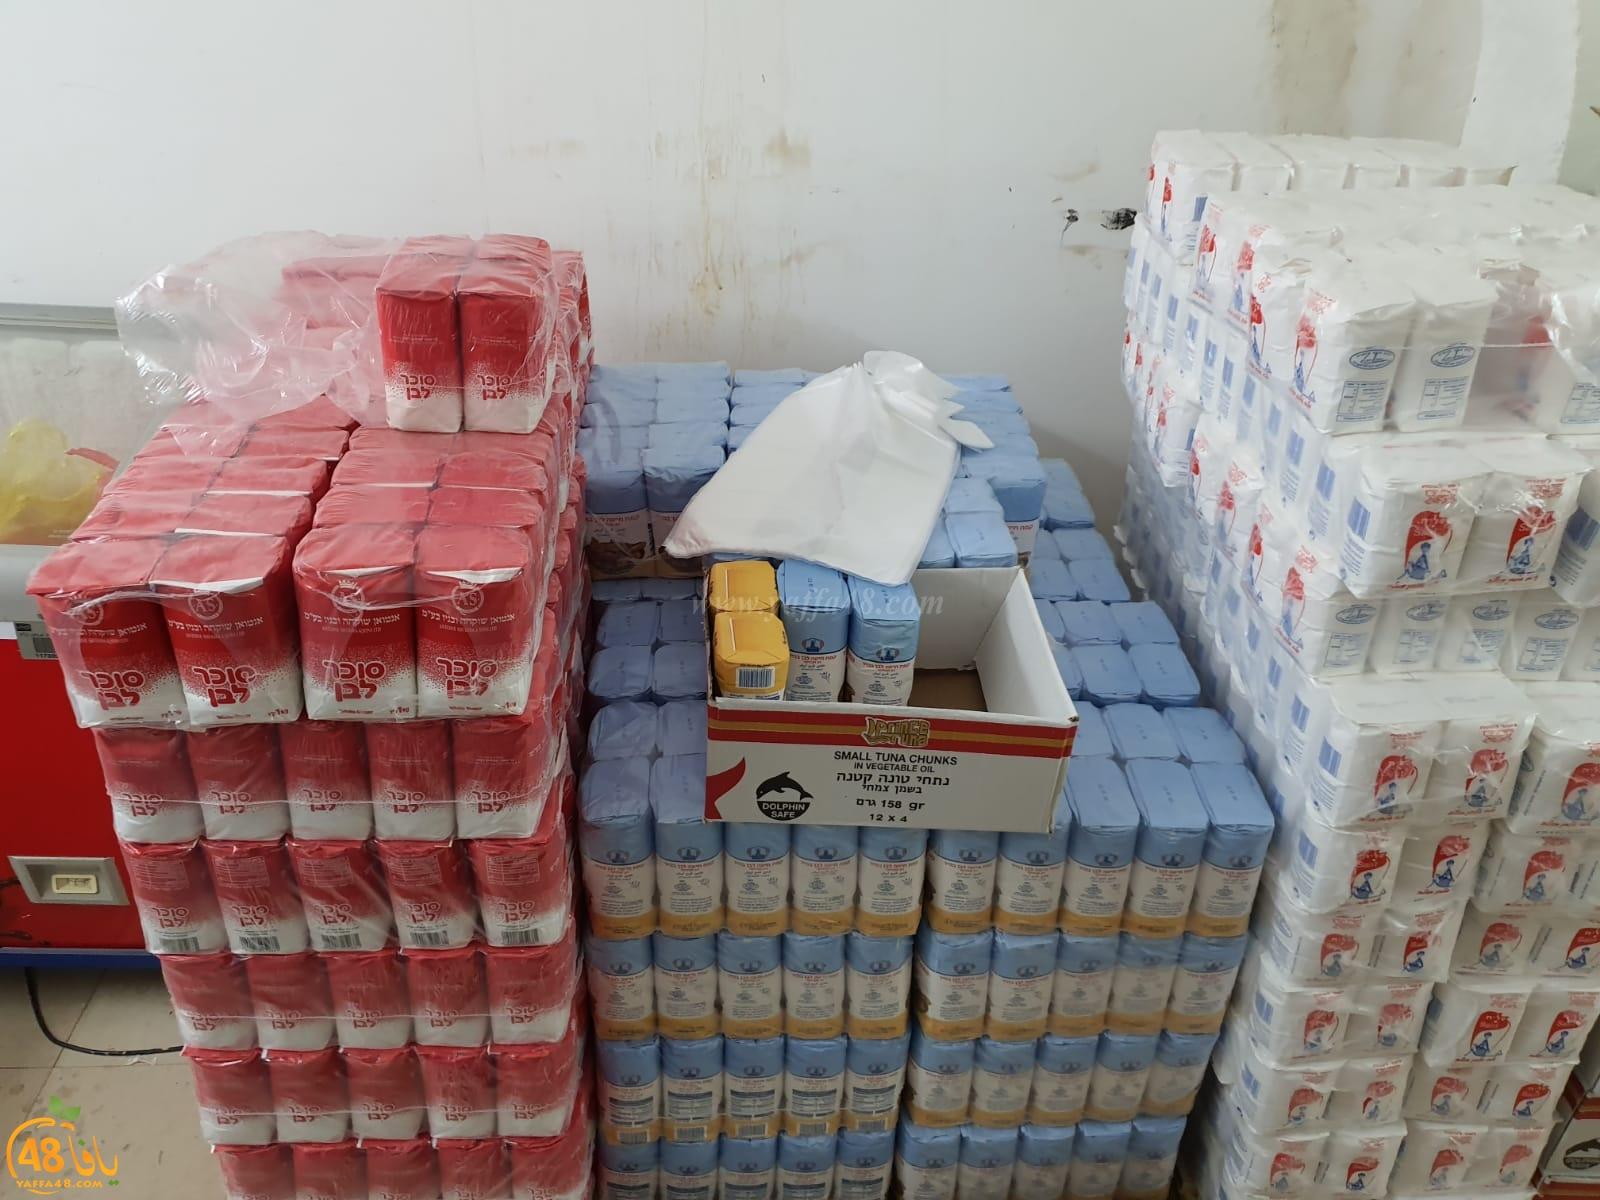 اللد: لجنة الزكاة تستقبل شحنة جديدة من الخضار لتوزيعها على الأهالي